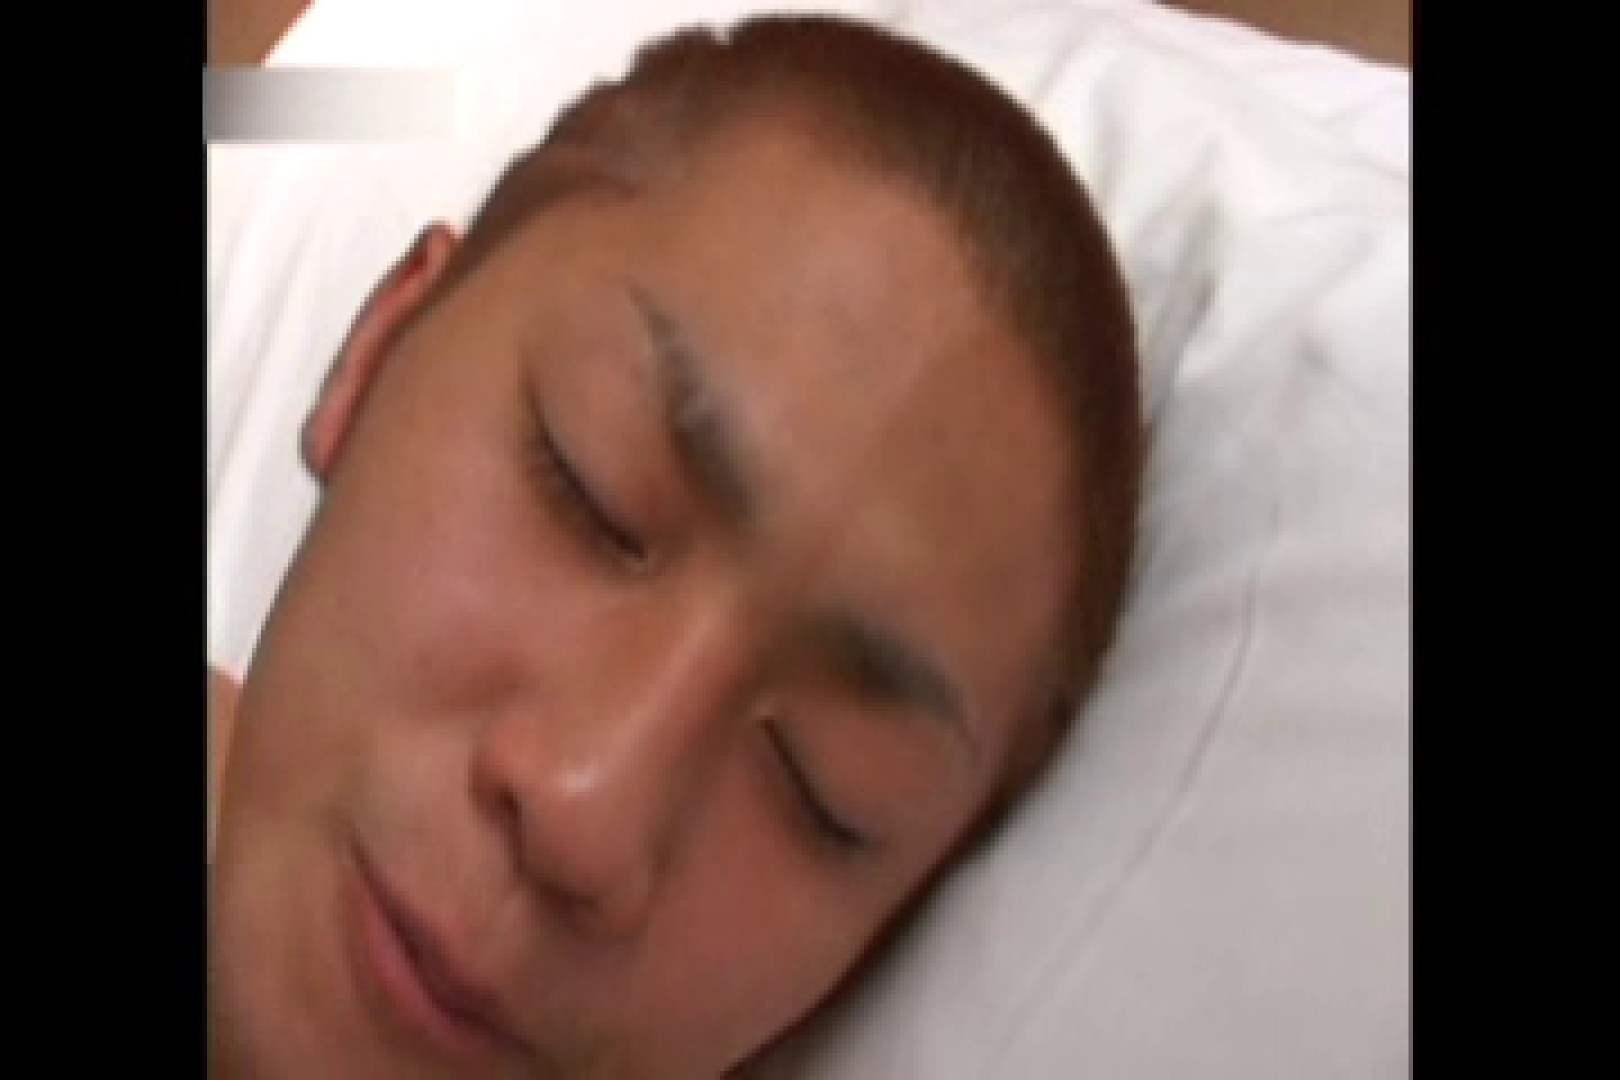 大集合!!カッコ可愛いメンズの一穴入根!! vol.23 ペニス動画 ゲイモロ画像 99pic 99